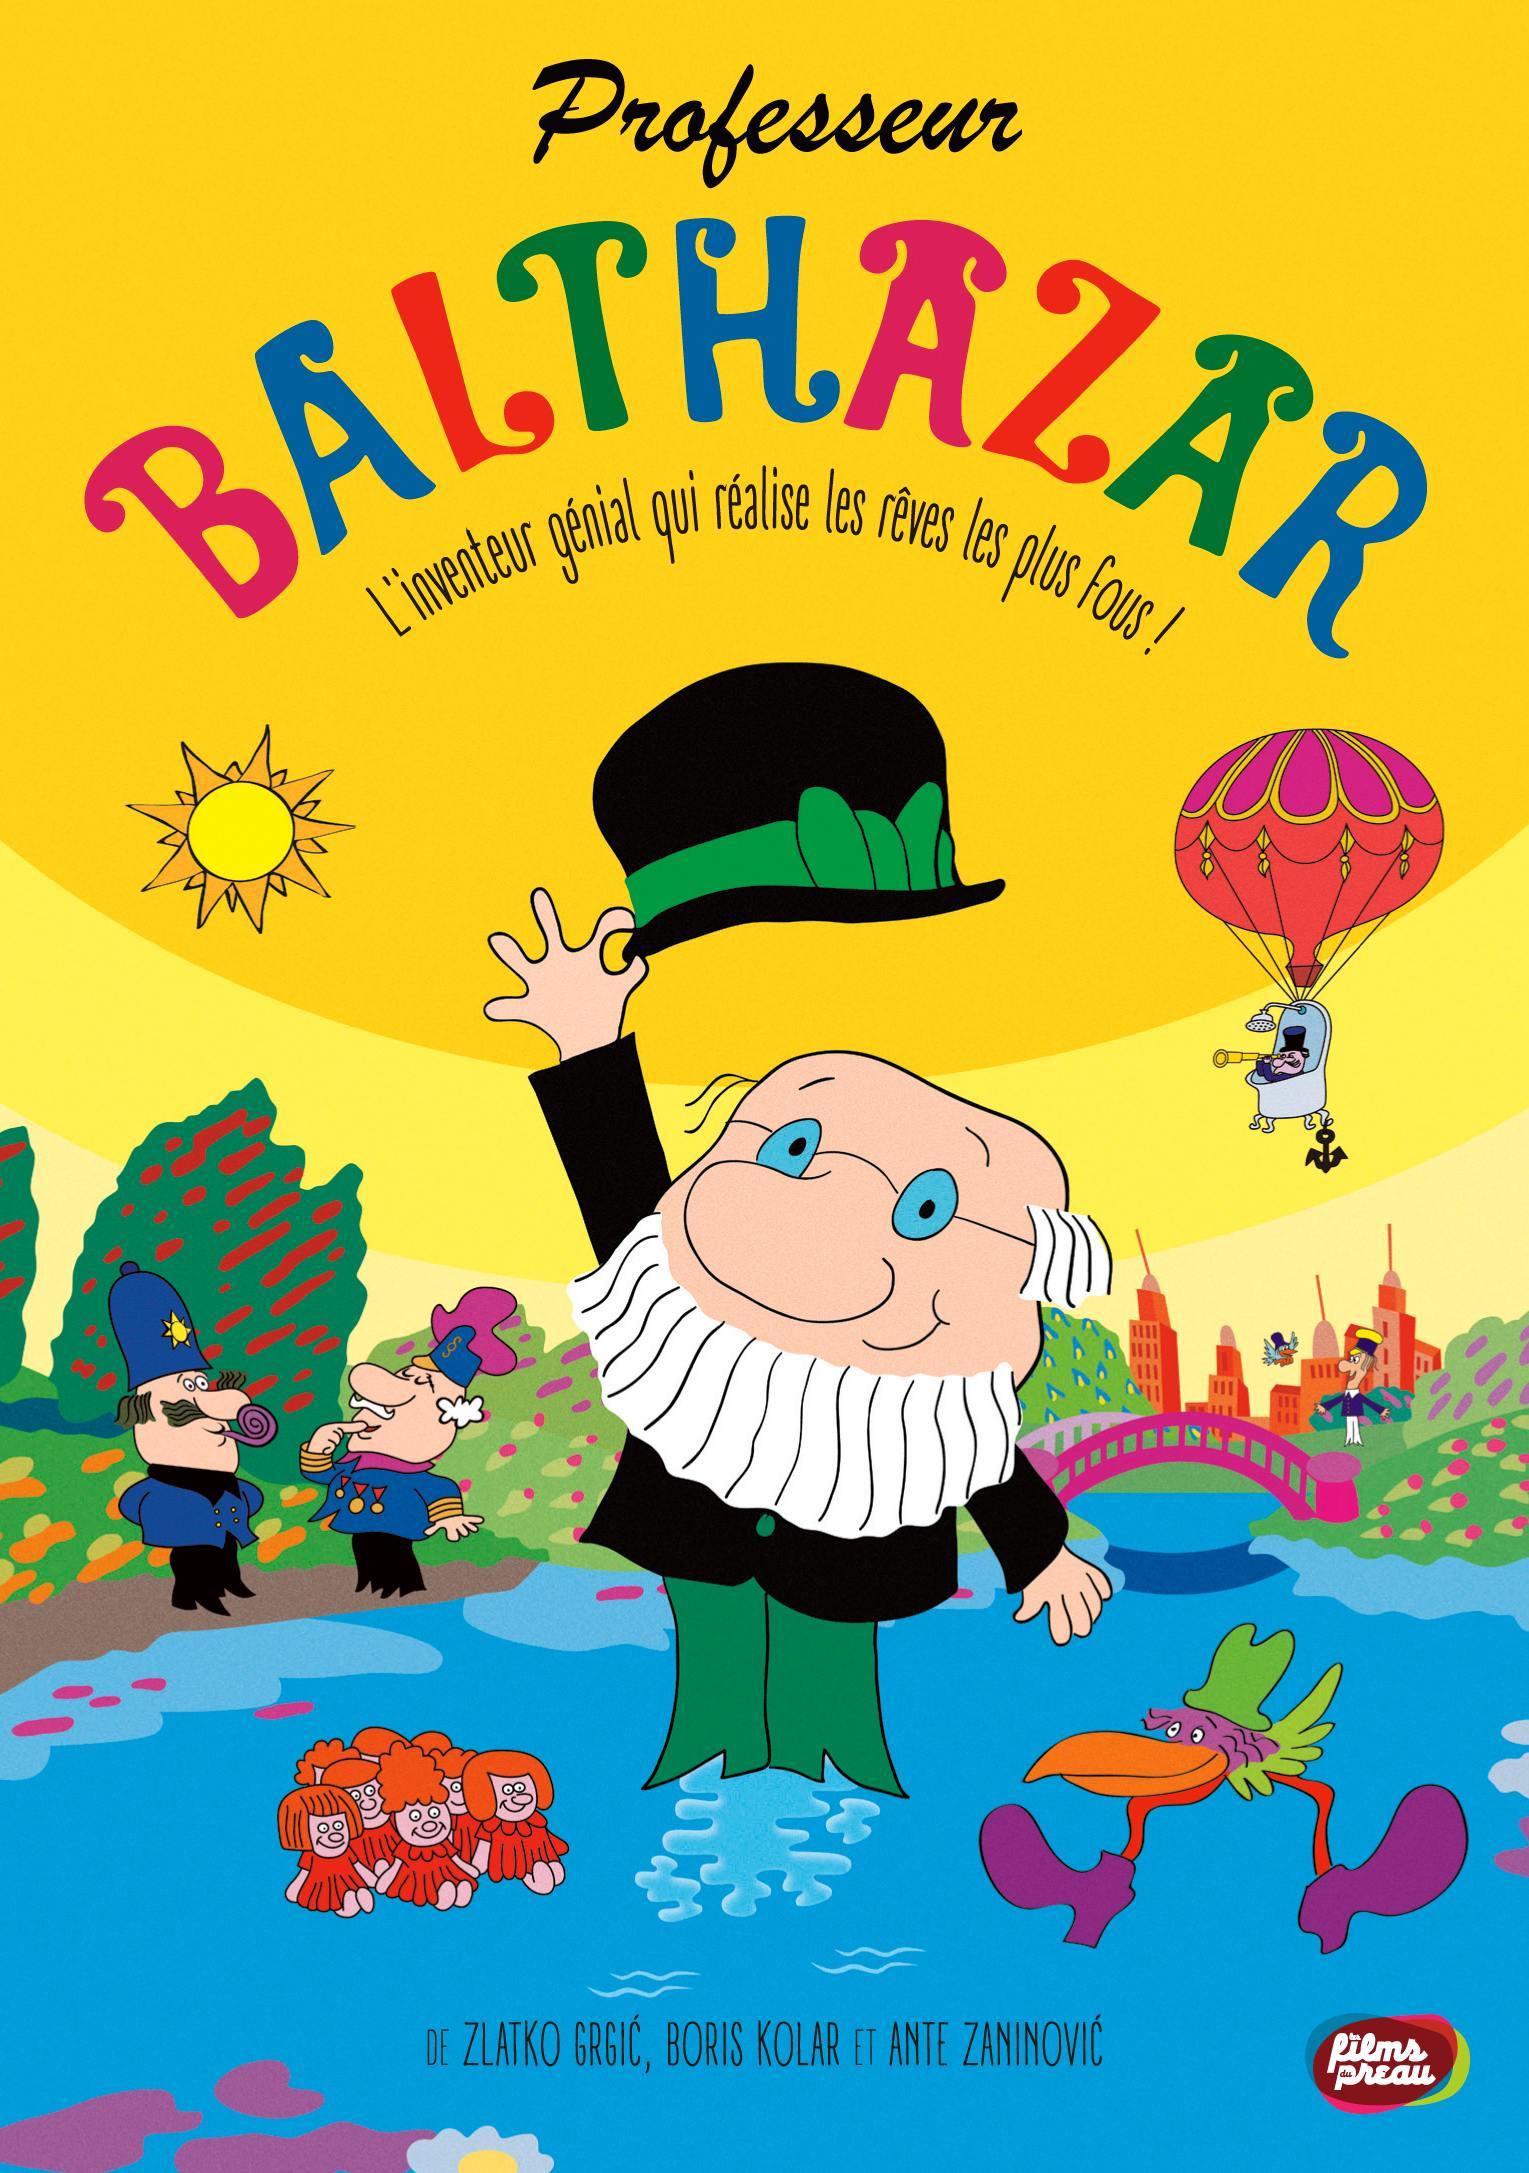 Professeur balthazar - dvd